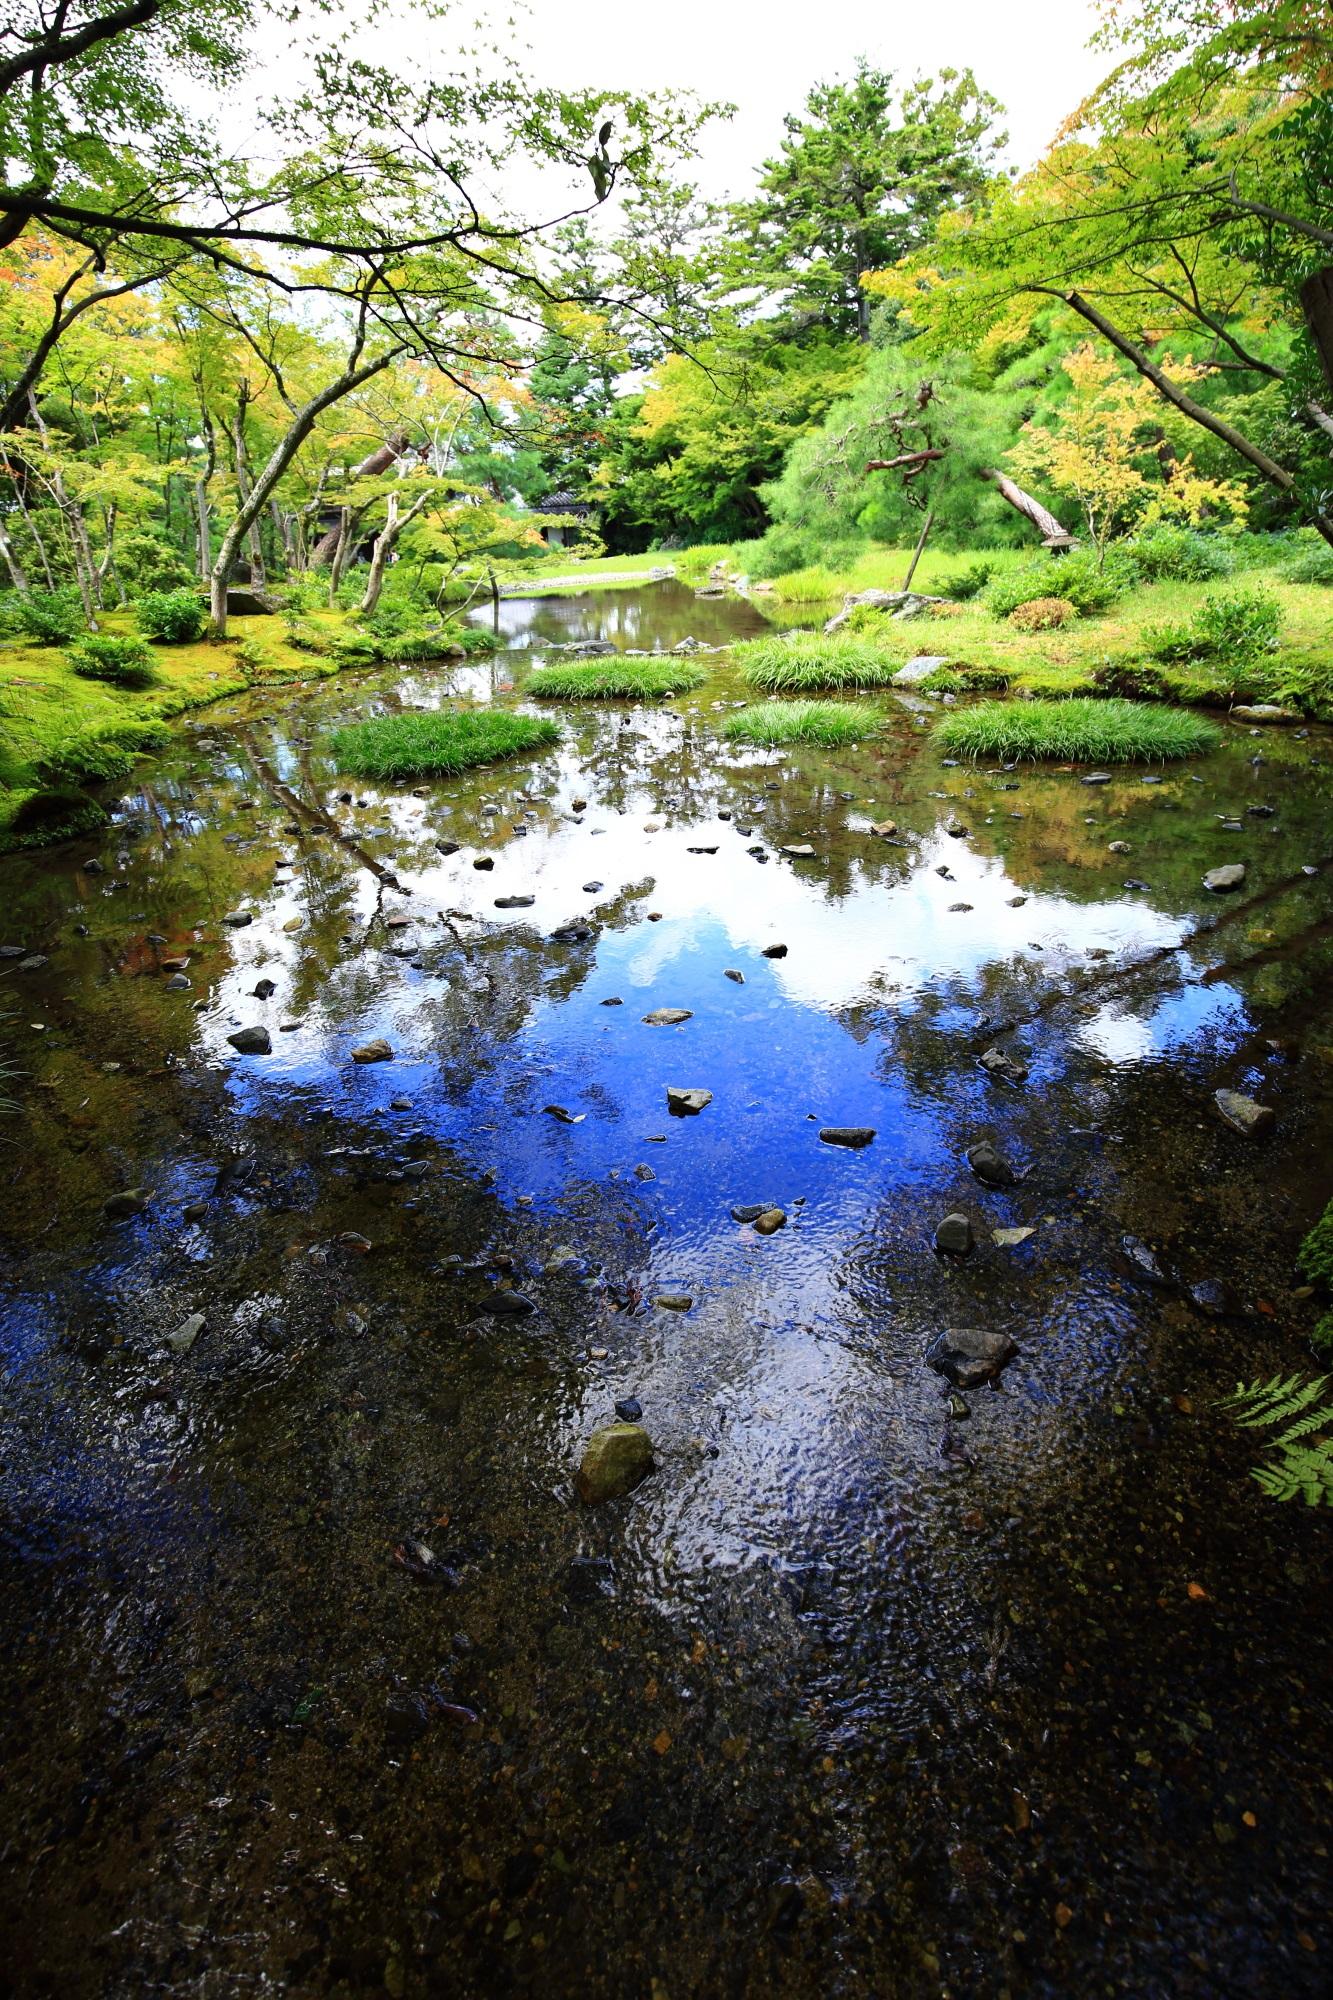 無鄰菴(むりんあん)の優美な池泉回遊式庭園